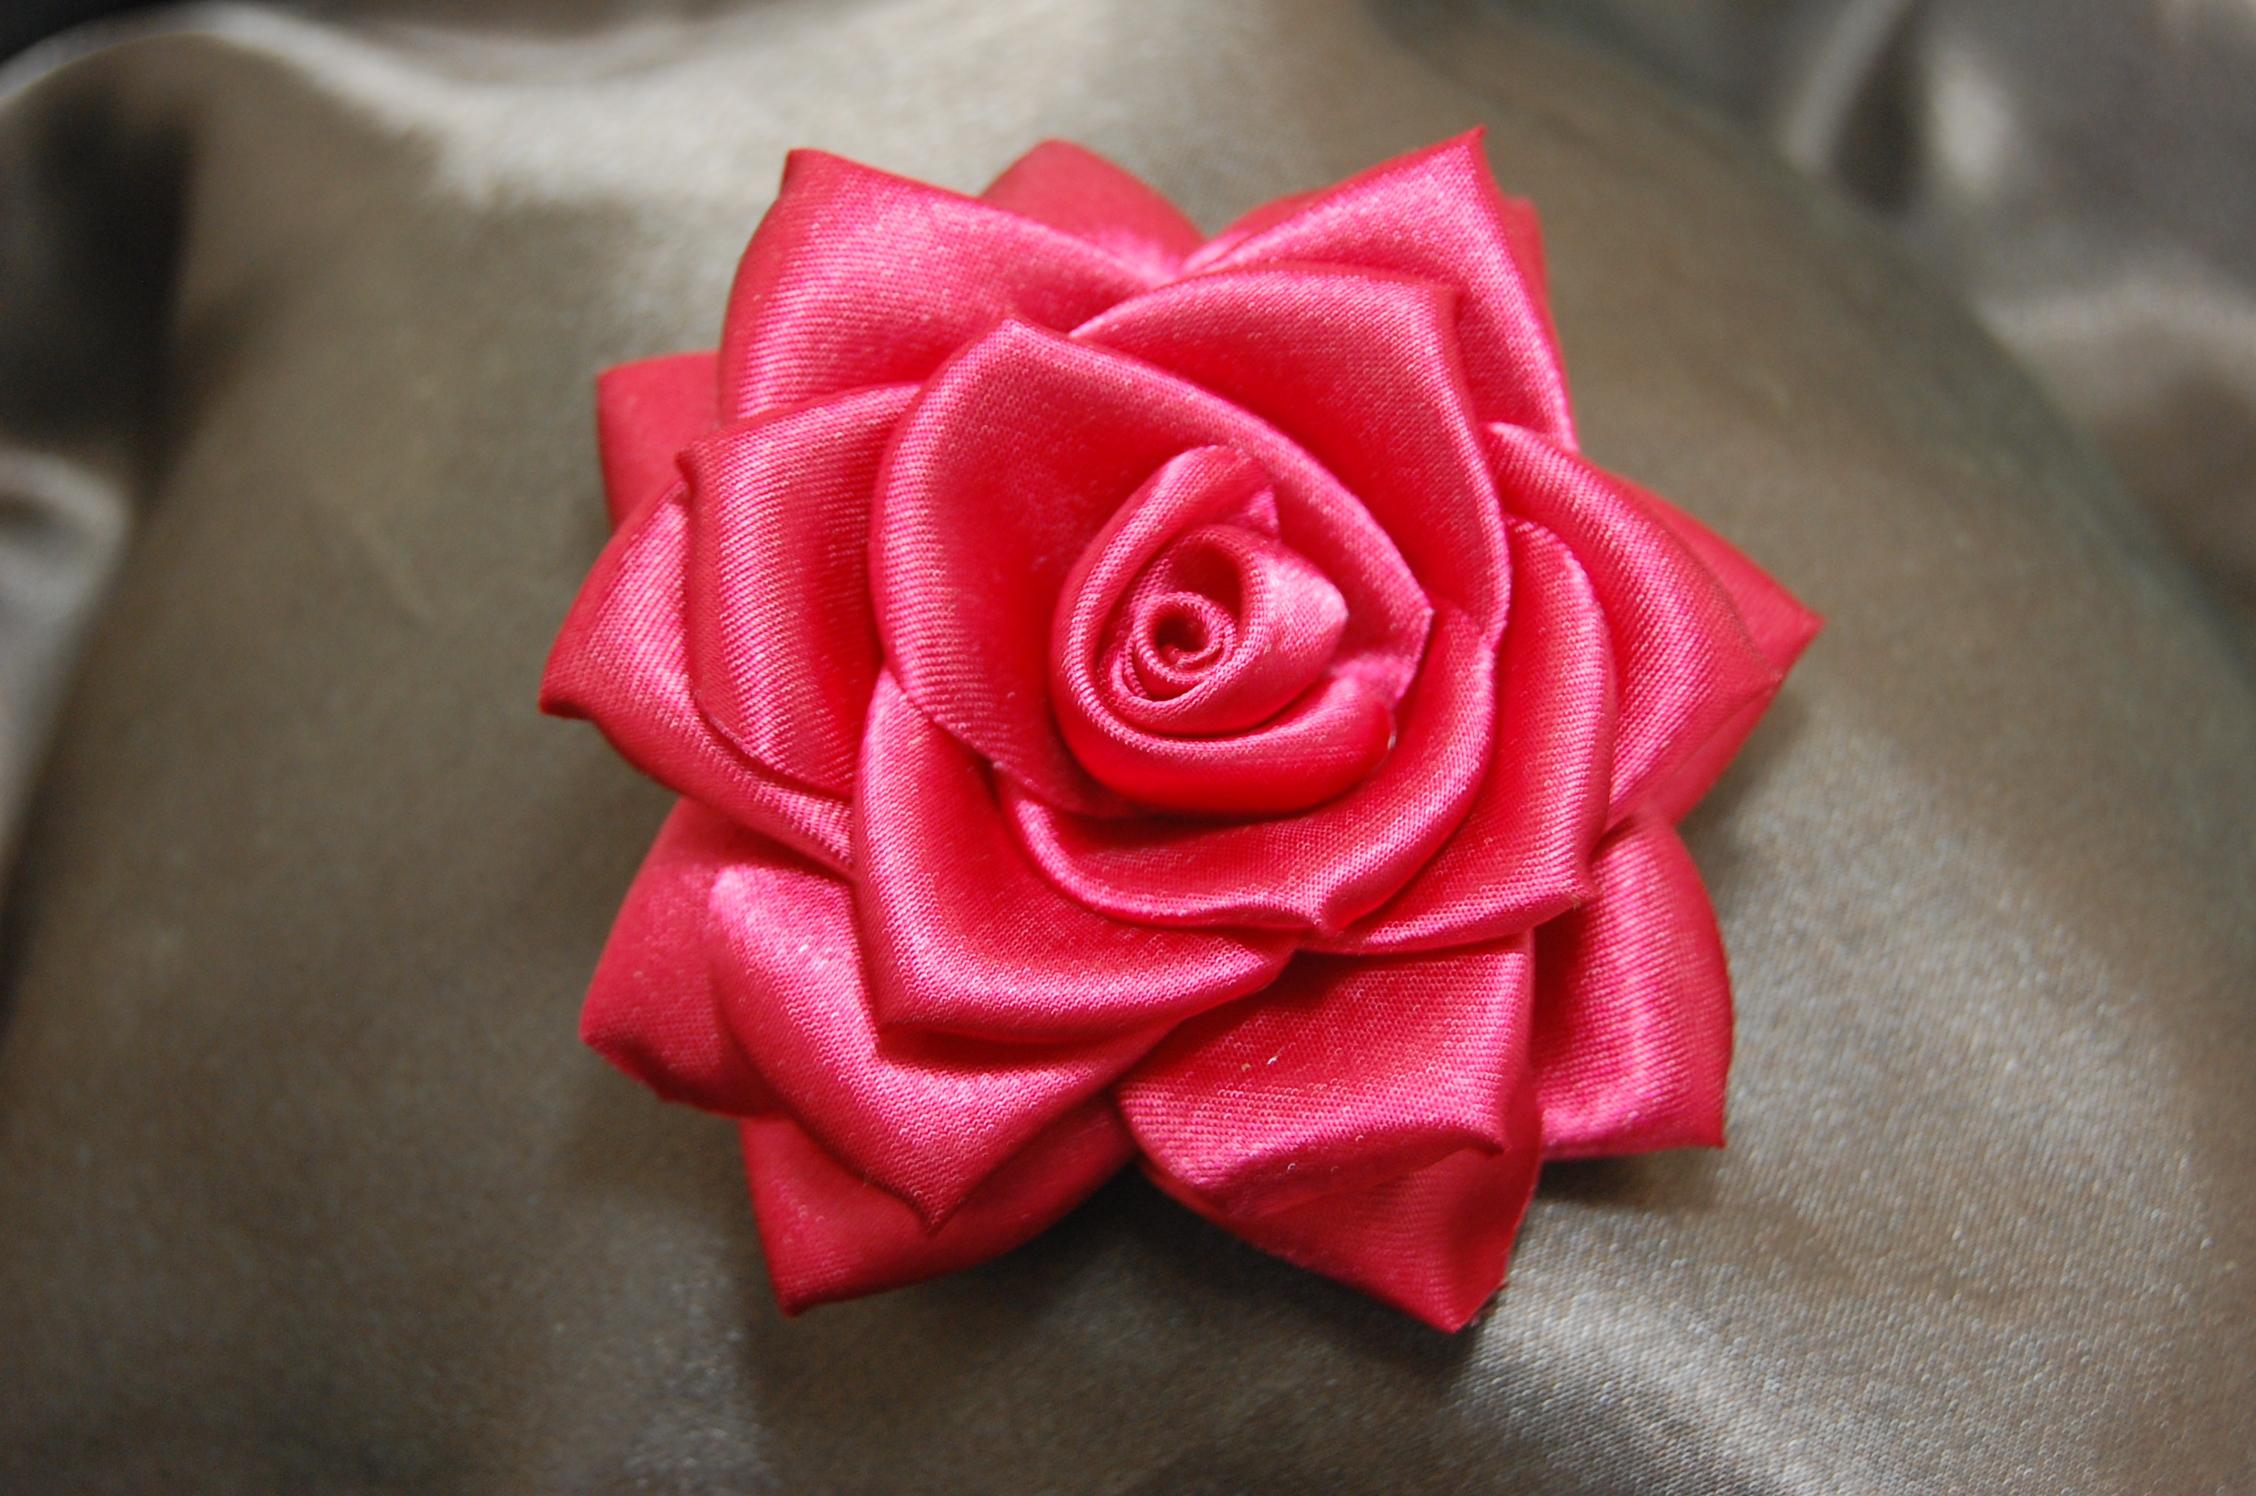 Rosa vermelha de veludo no Elo7 | Amor Lindo Boutique (A189E5)  |Rosa Flor Vermelha